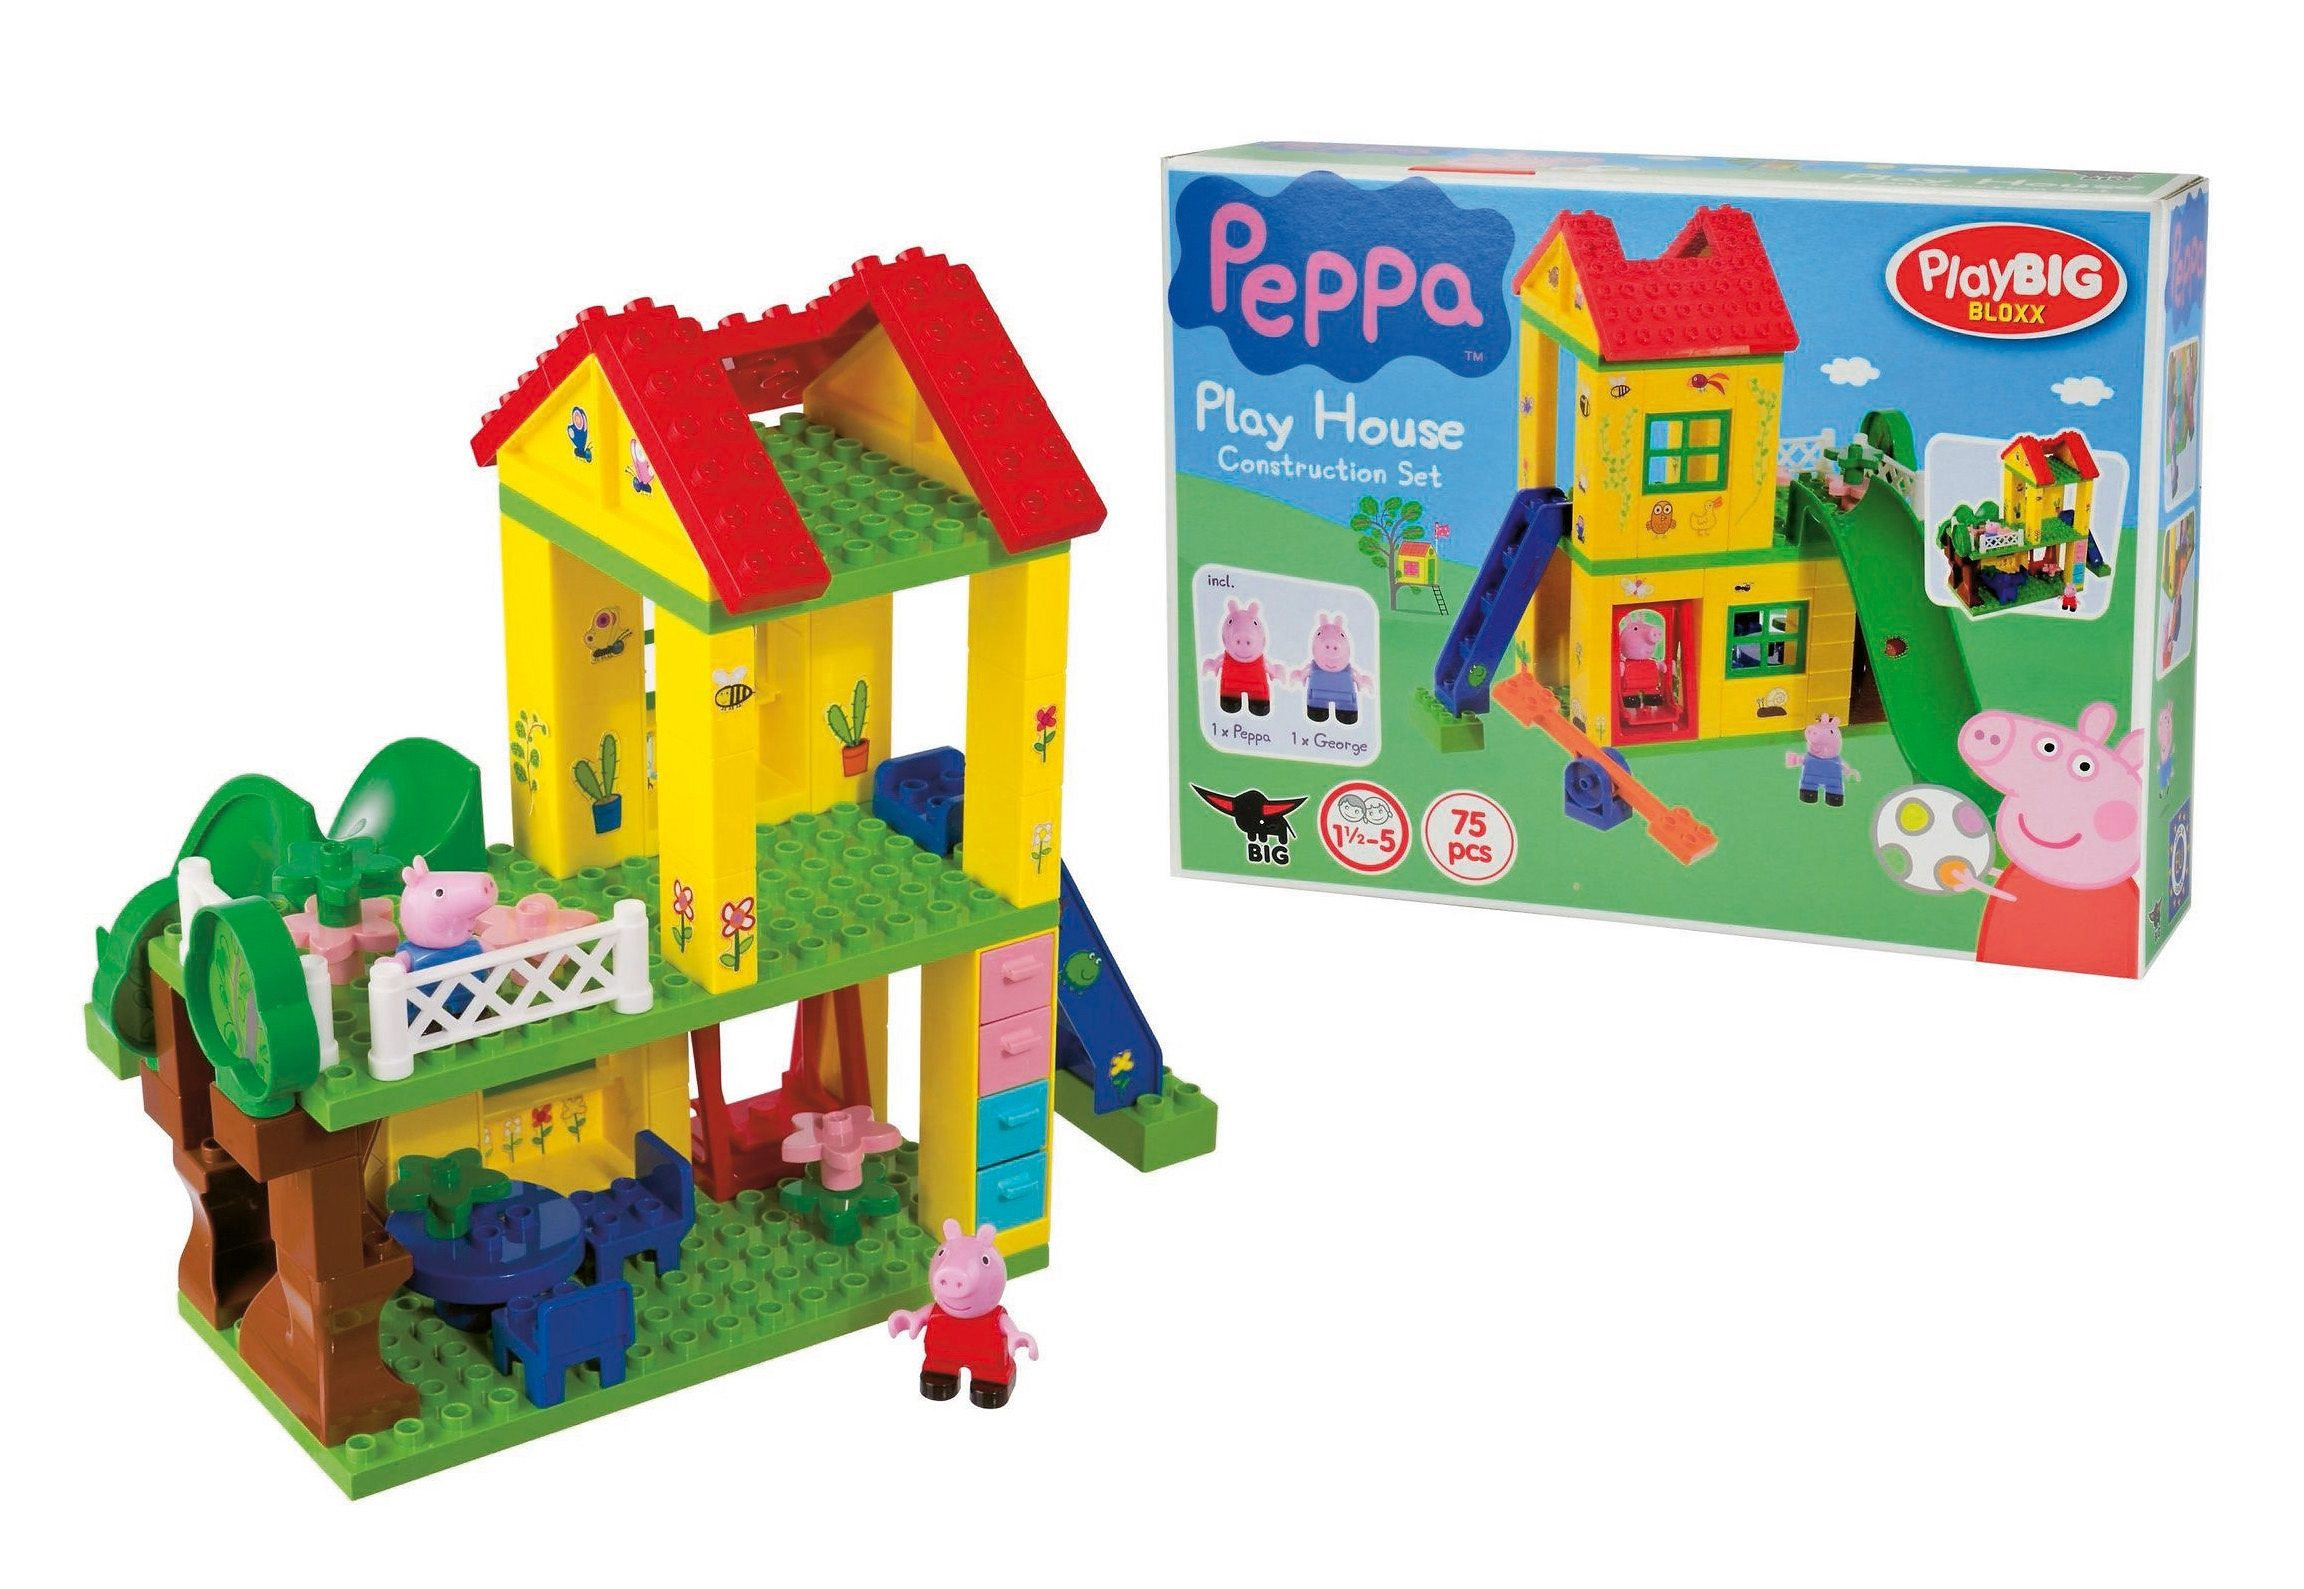 BIG Spielset Haus mit 3 Etagen und viel Zubehör, »PlayBIG Bloxx Peppa Pig Playhouse« (75tlg.)